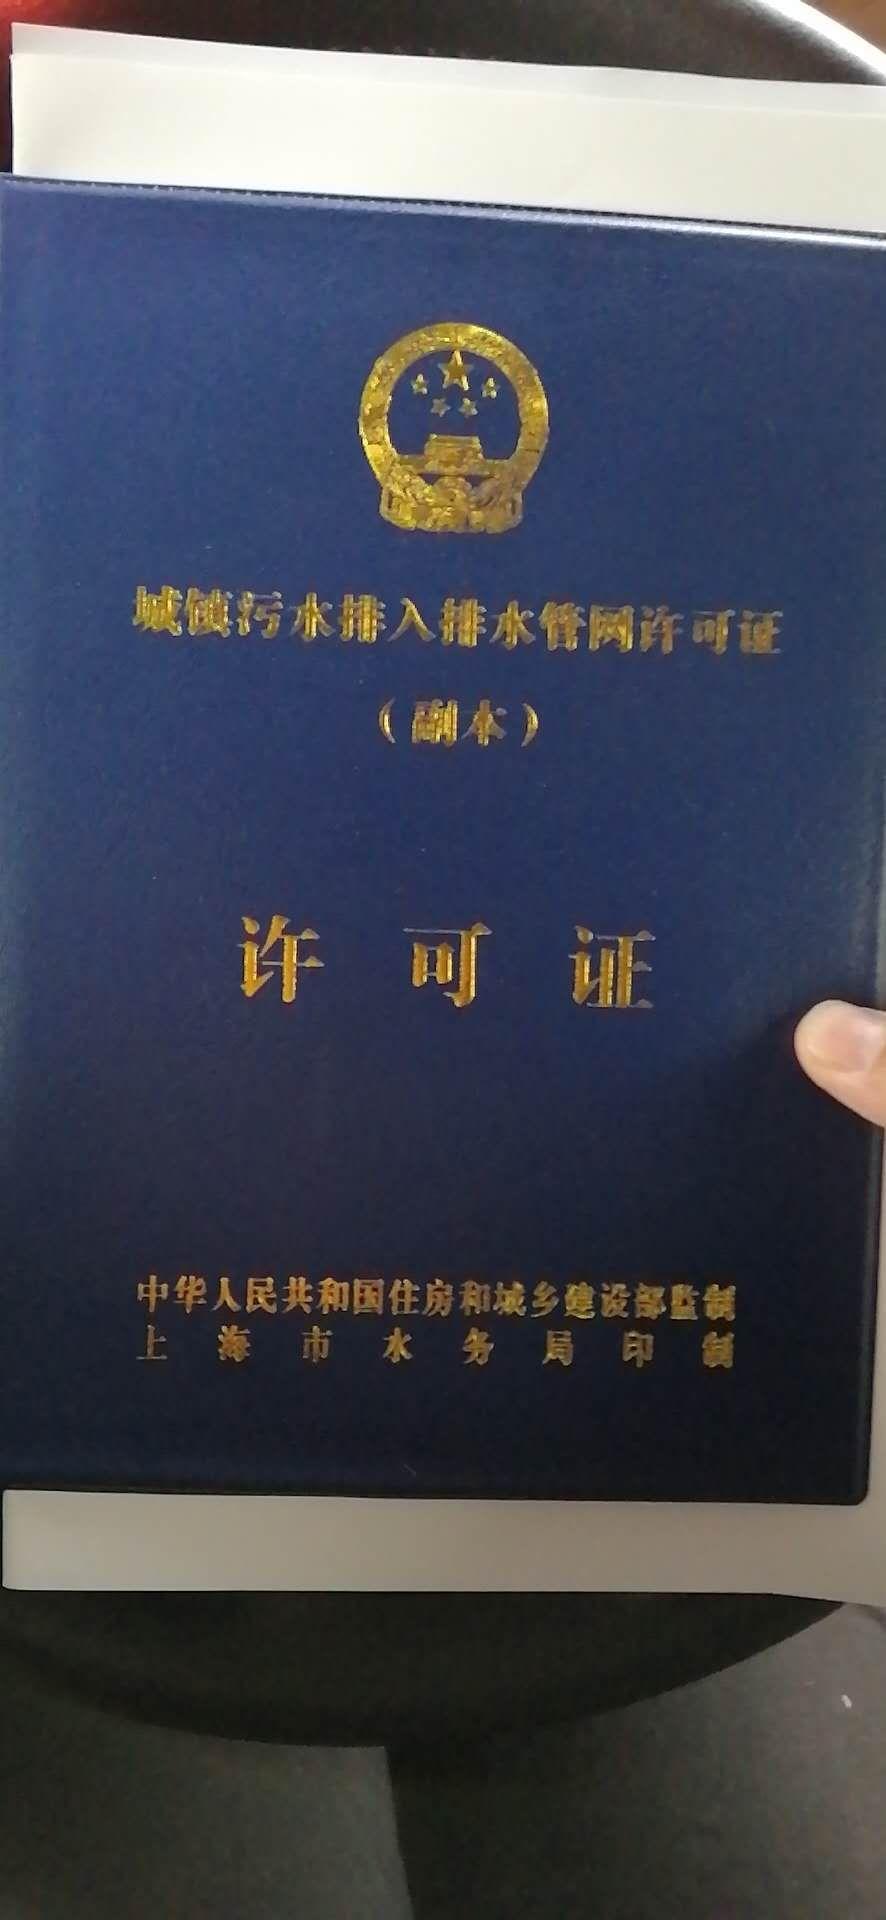 上海排水证代办 上海专业代办排污证找谁好上海代办排水证